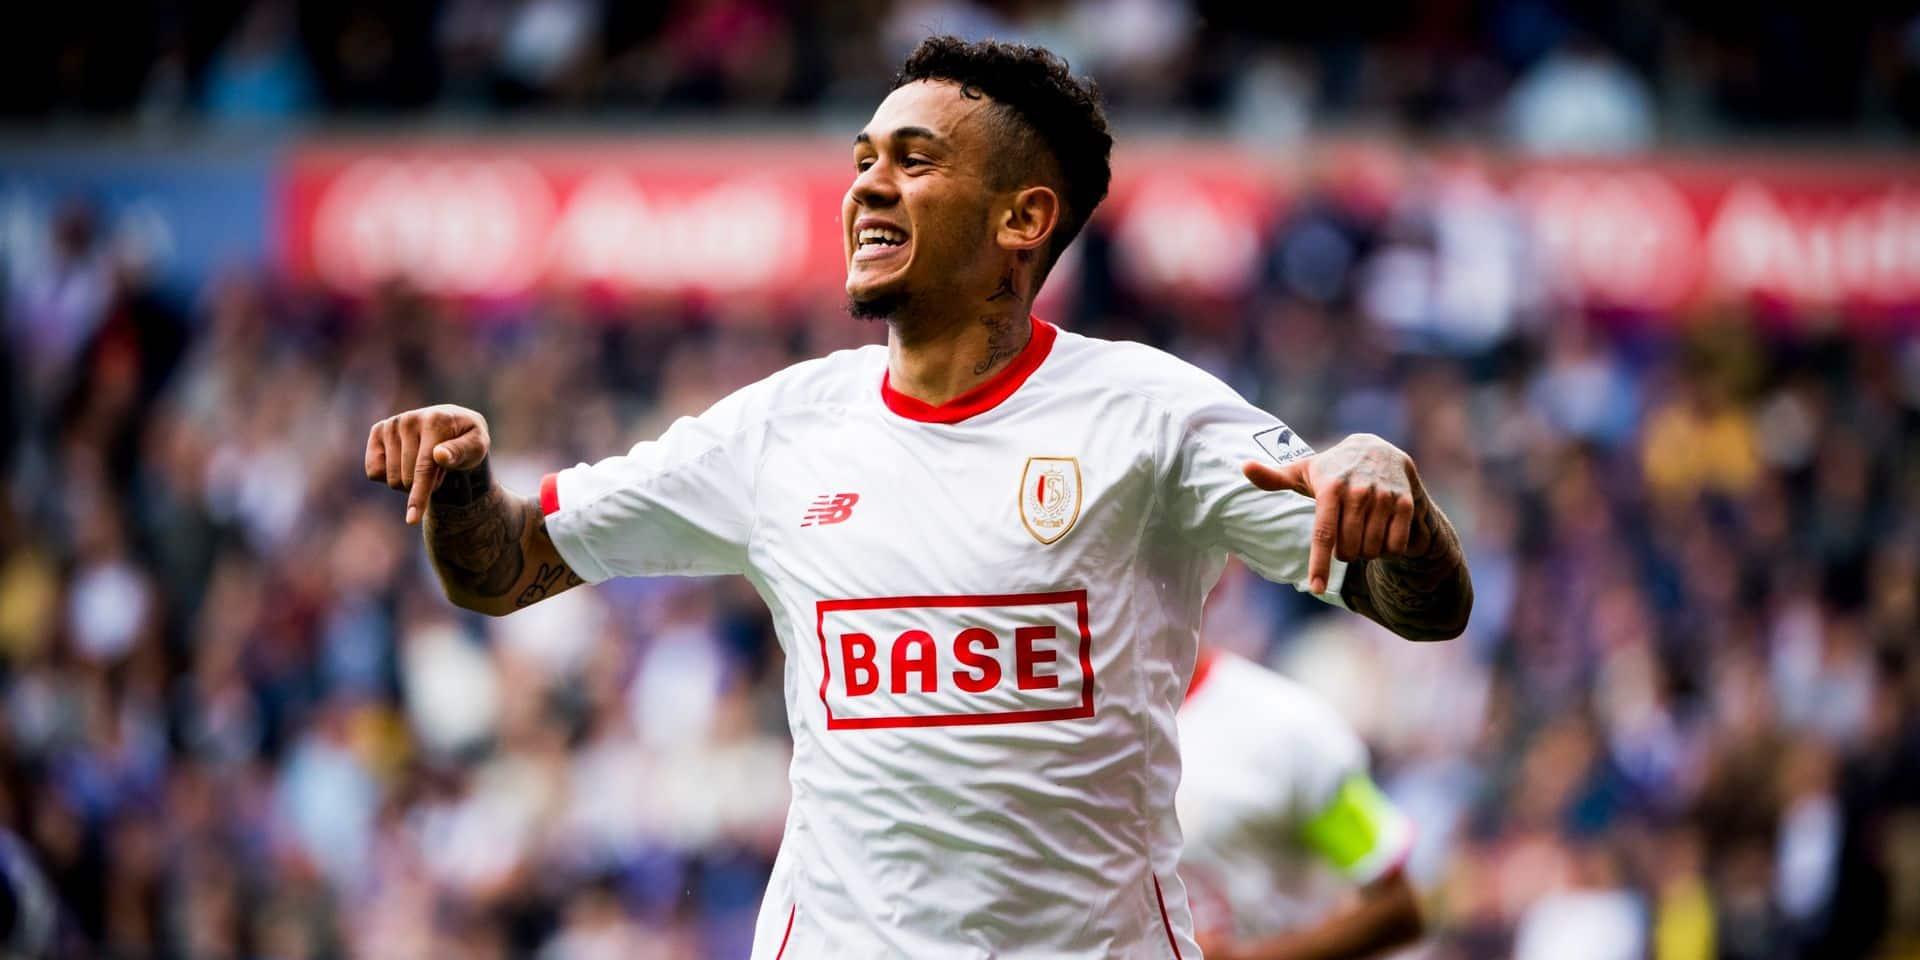 Un ancien joueur du Standard de Liège en... P3 liégeoise